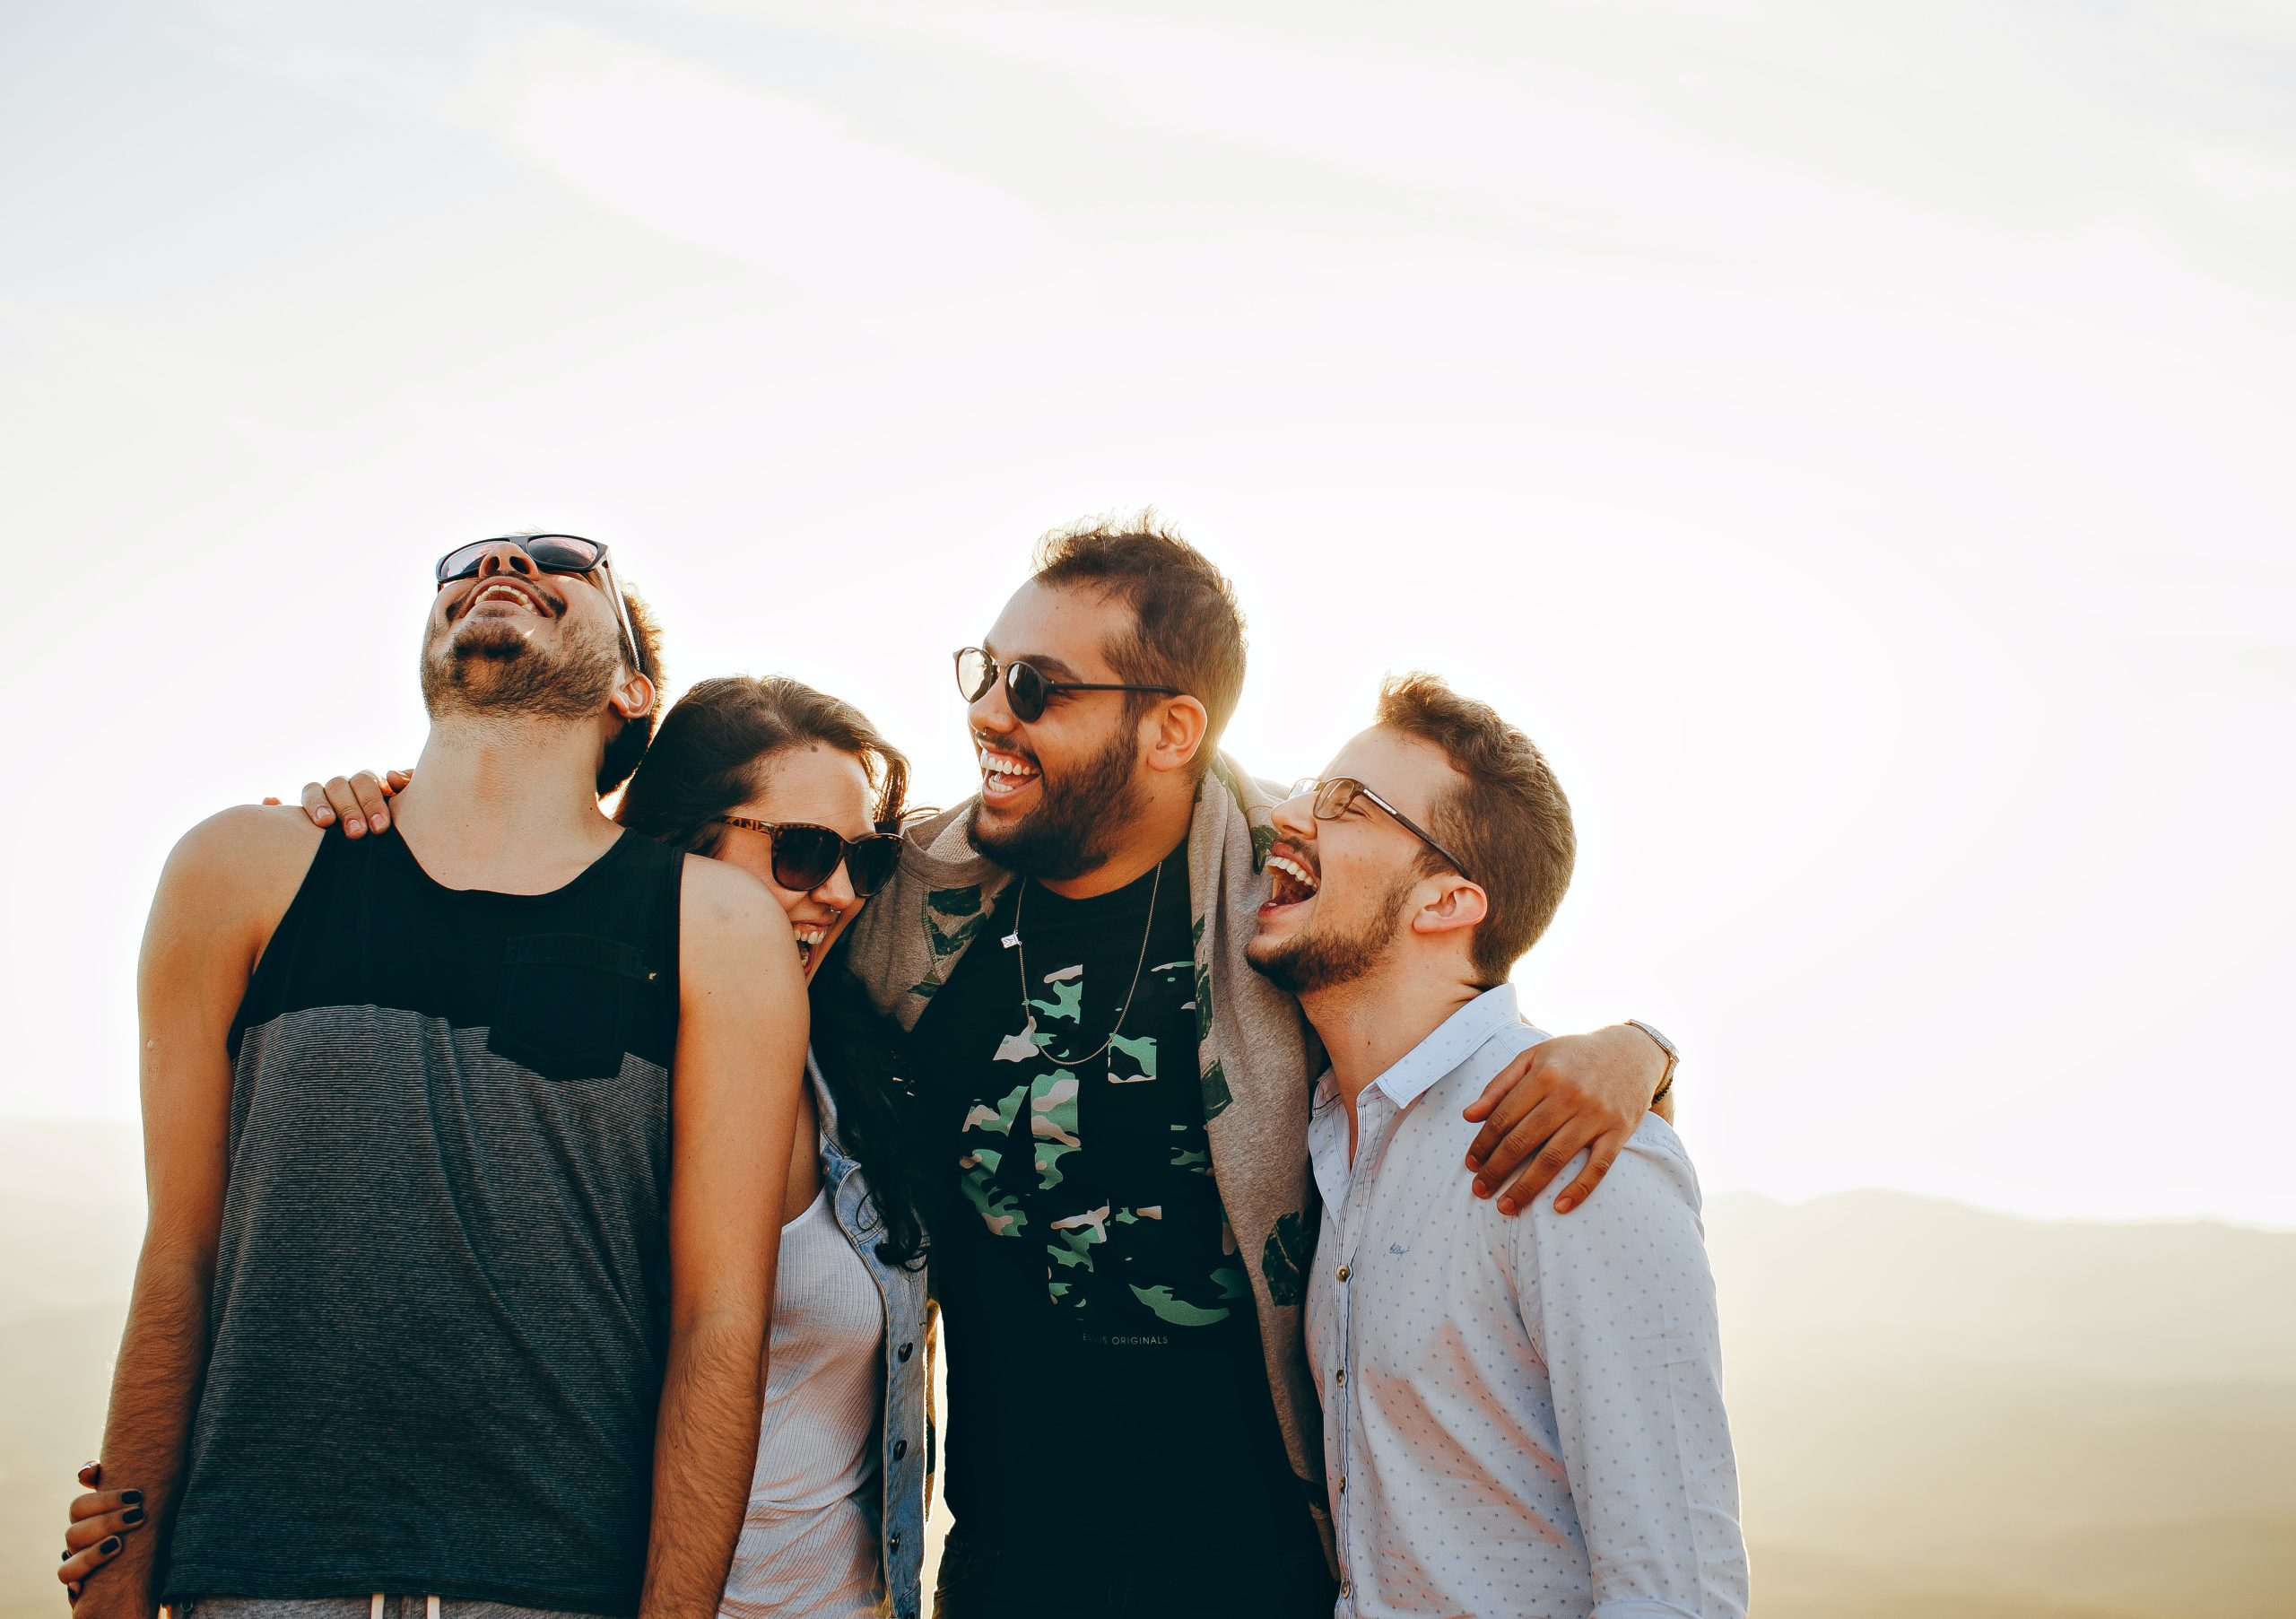 ser feliz con tus amigos pasarlo bien despues de la cuarentena causada por el coronavirus covid19 en 2020